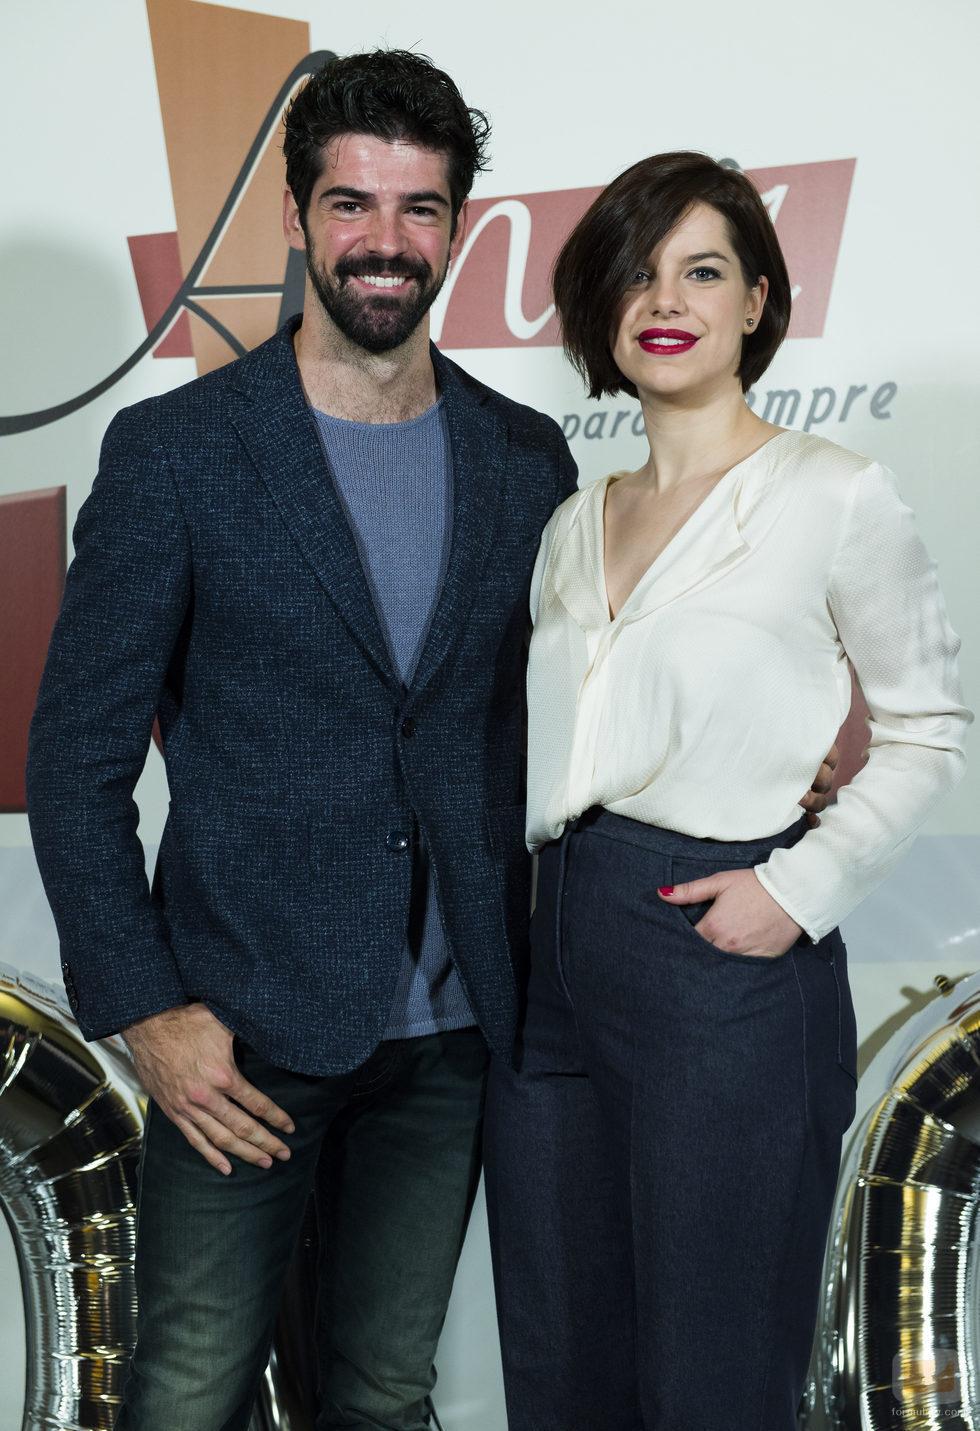 Mariona ribas y miguel ngel mu oz en el acto promocional - Antena 3 tv series amar es para siempre ...